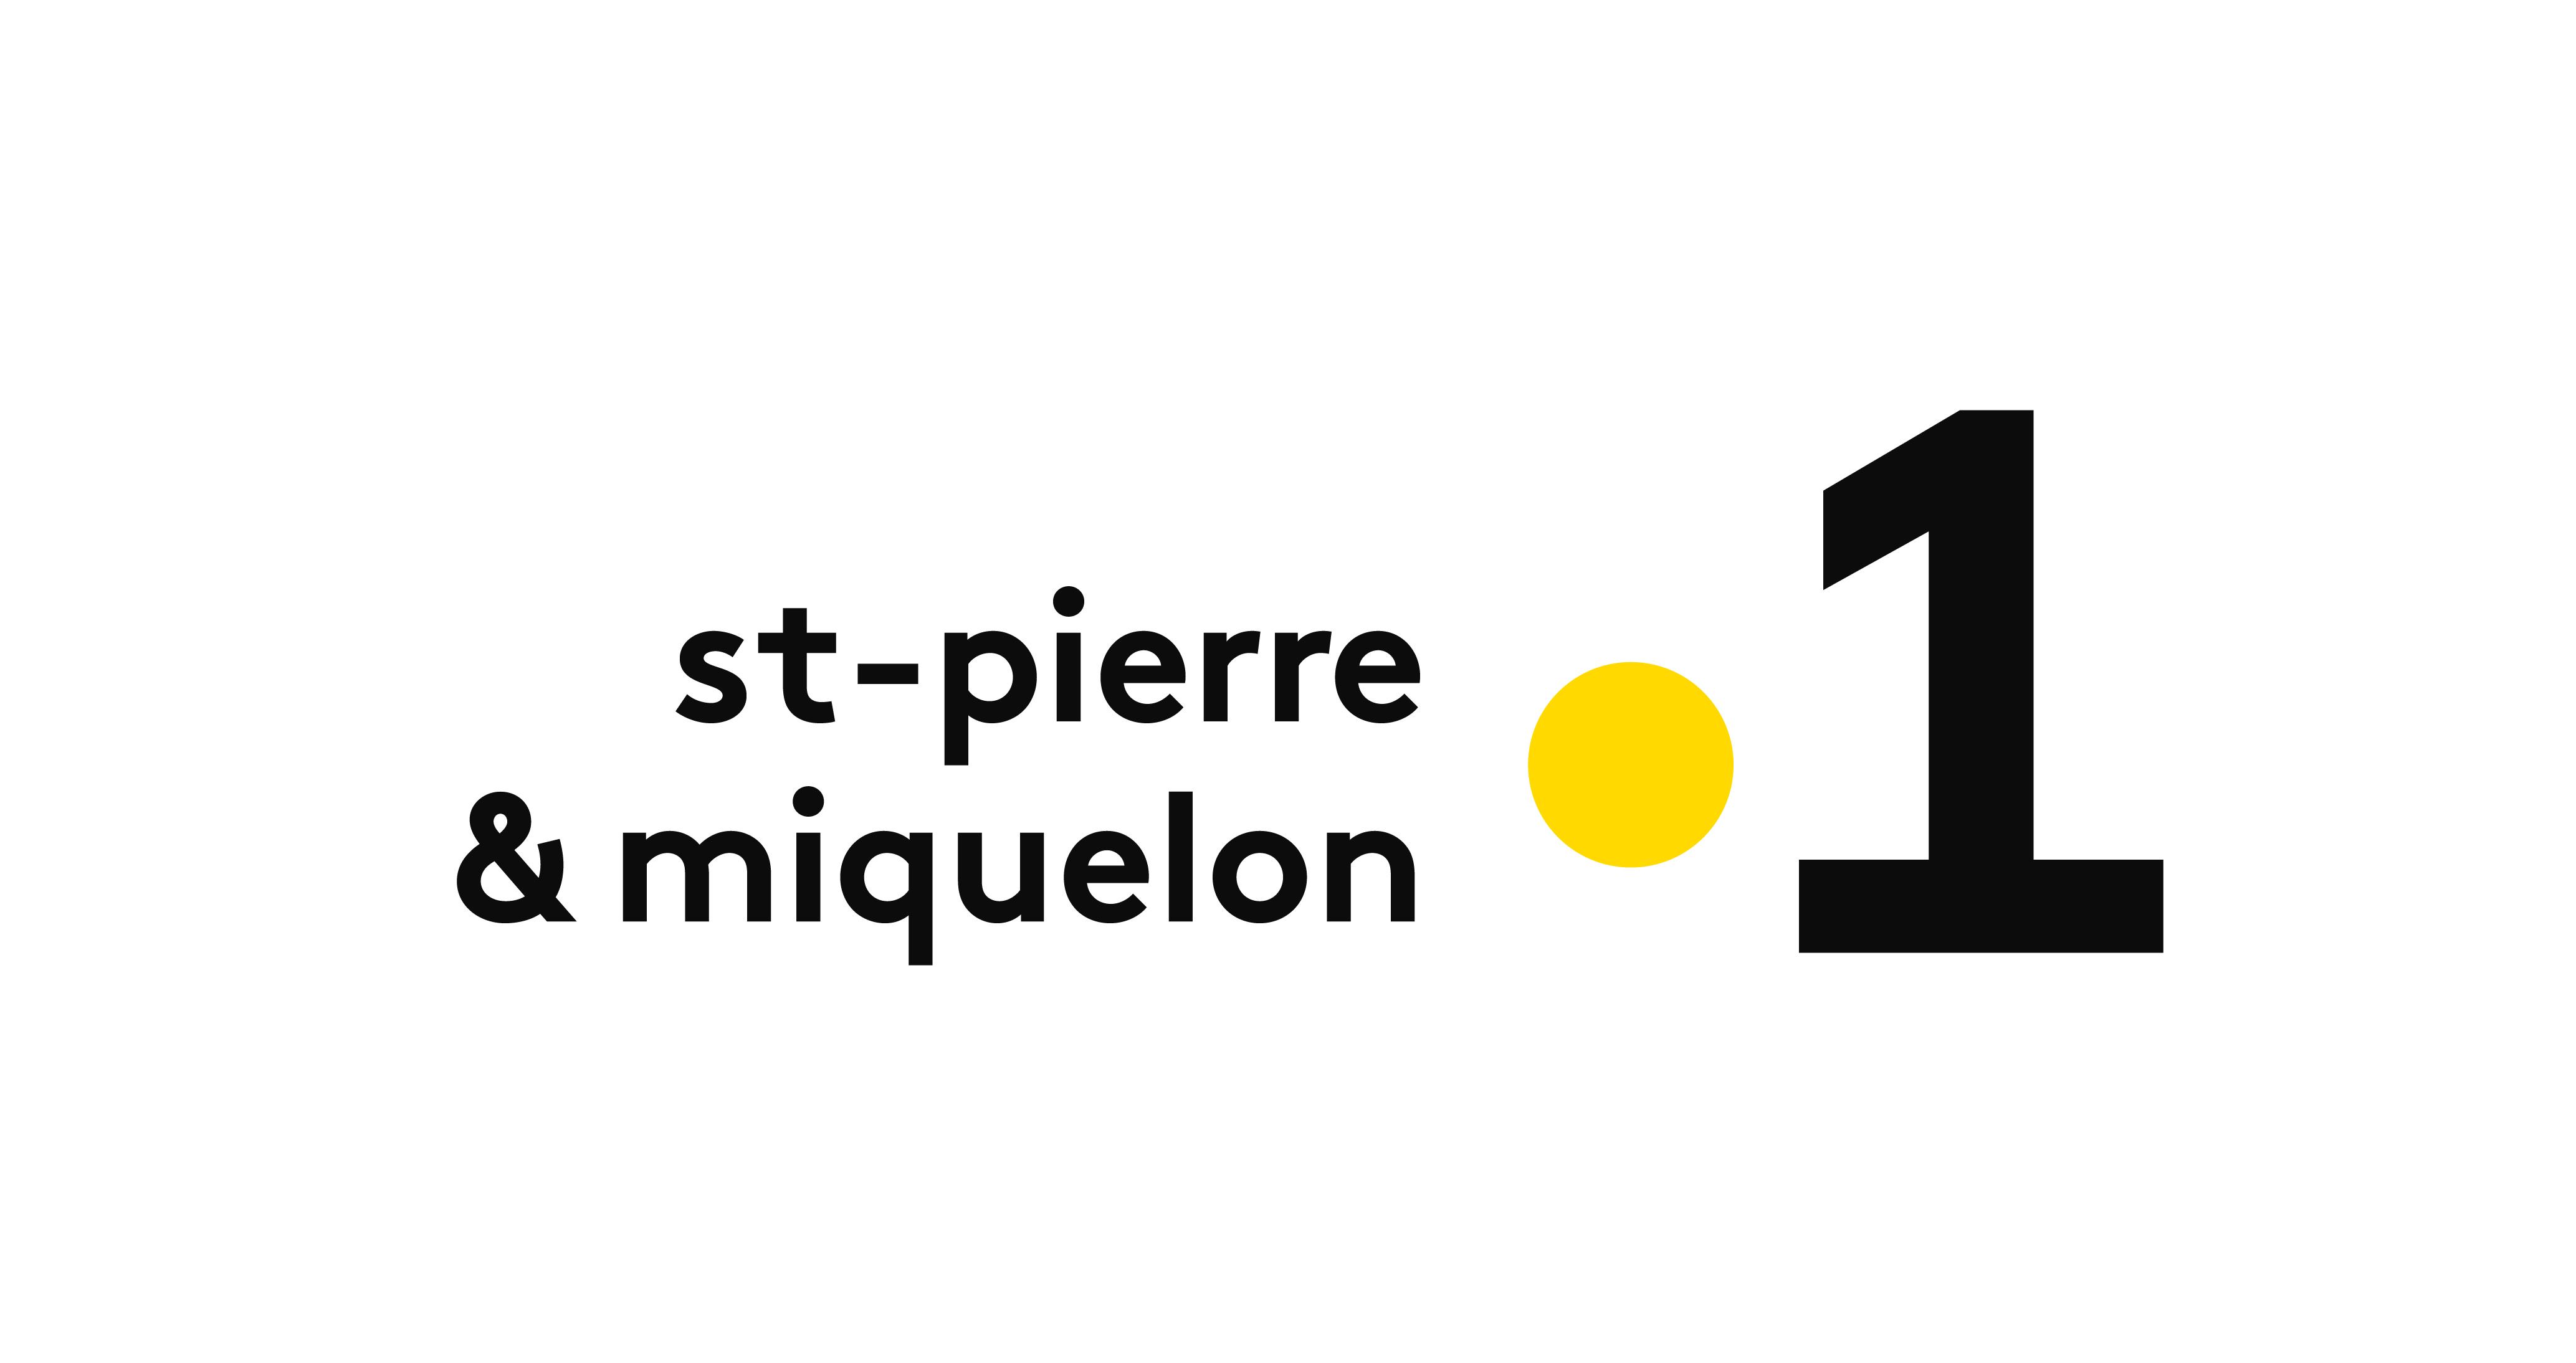 Jeu TV: LE ROI DU BOCAL spécial enfants, à partir du 18 décembre sur Saint-Pierre et Miquelon La 1ère